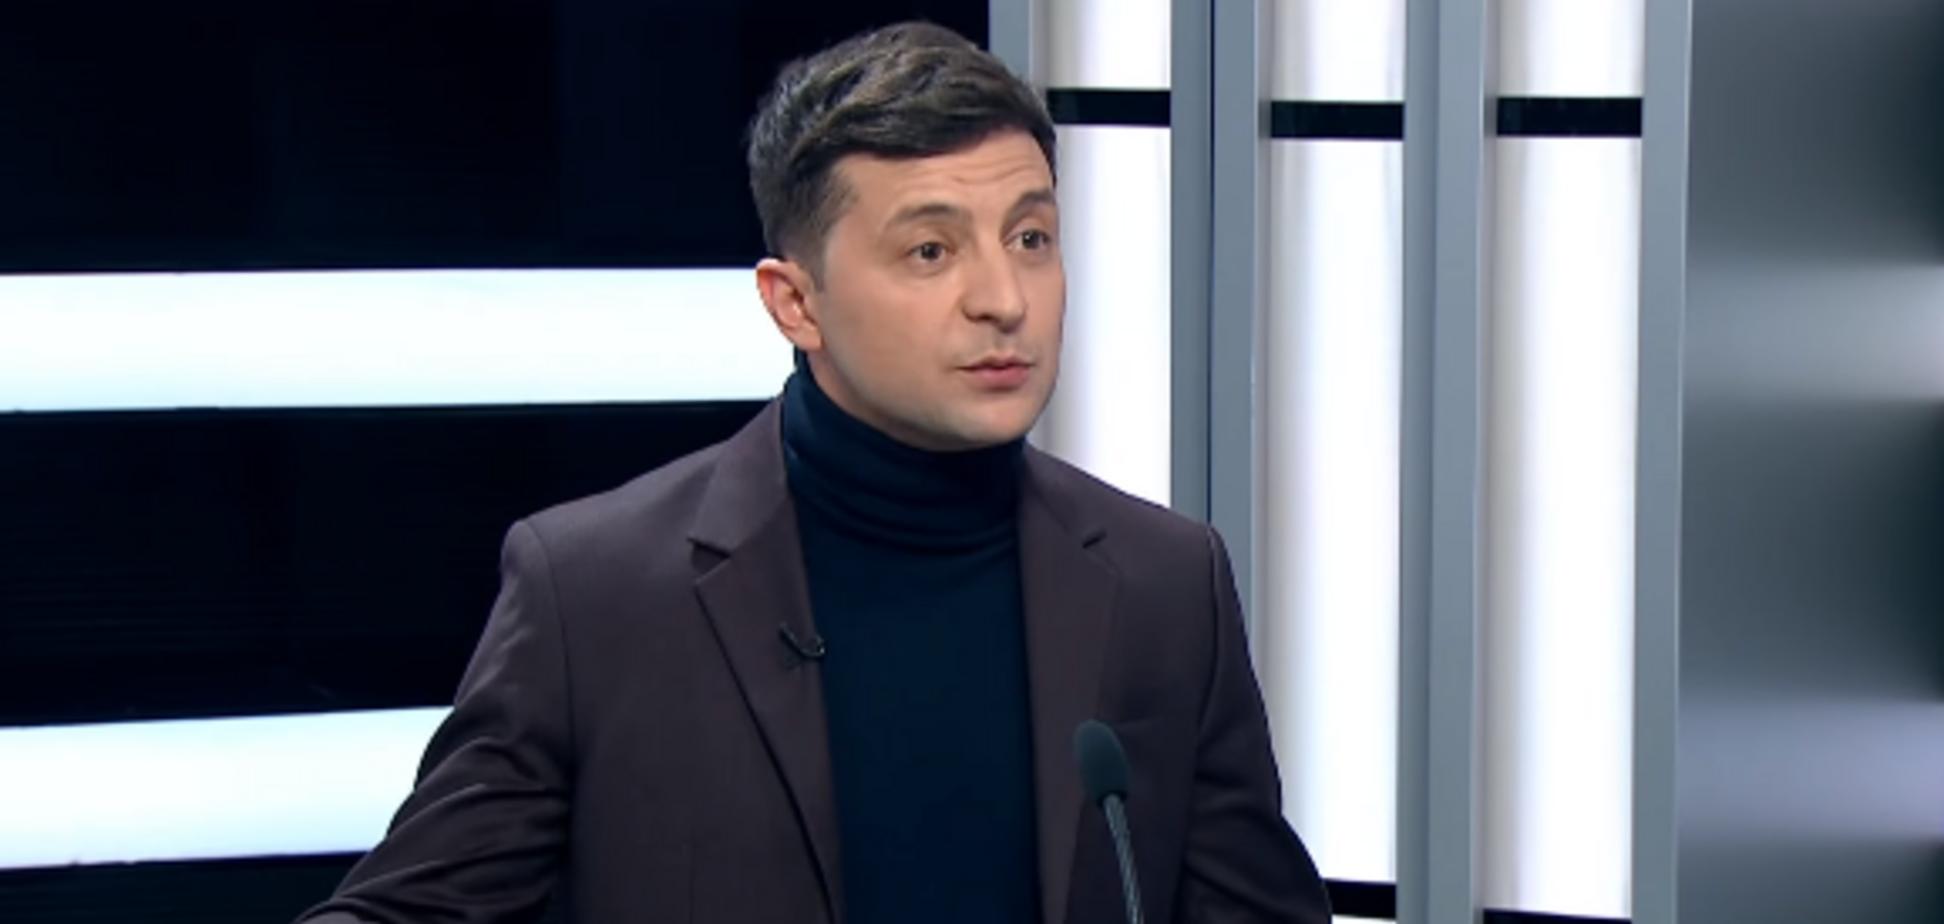 'Рейтинг будет выше': Портников объяснил секрет успеха Зеленского